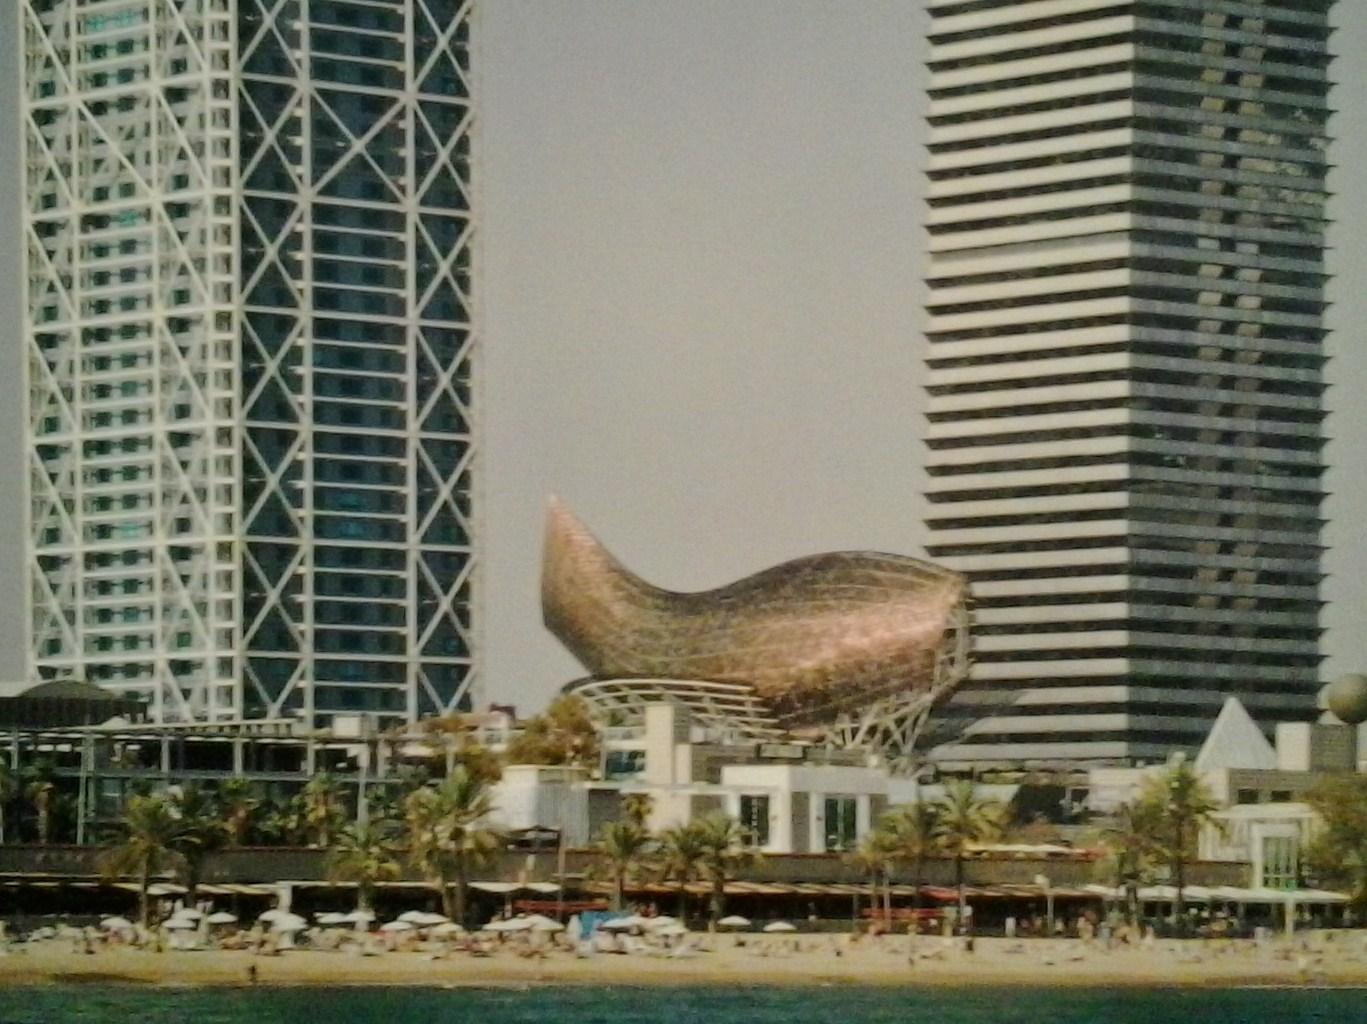 GehryTheFish